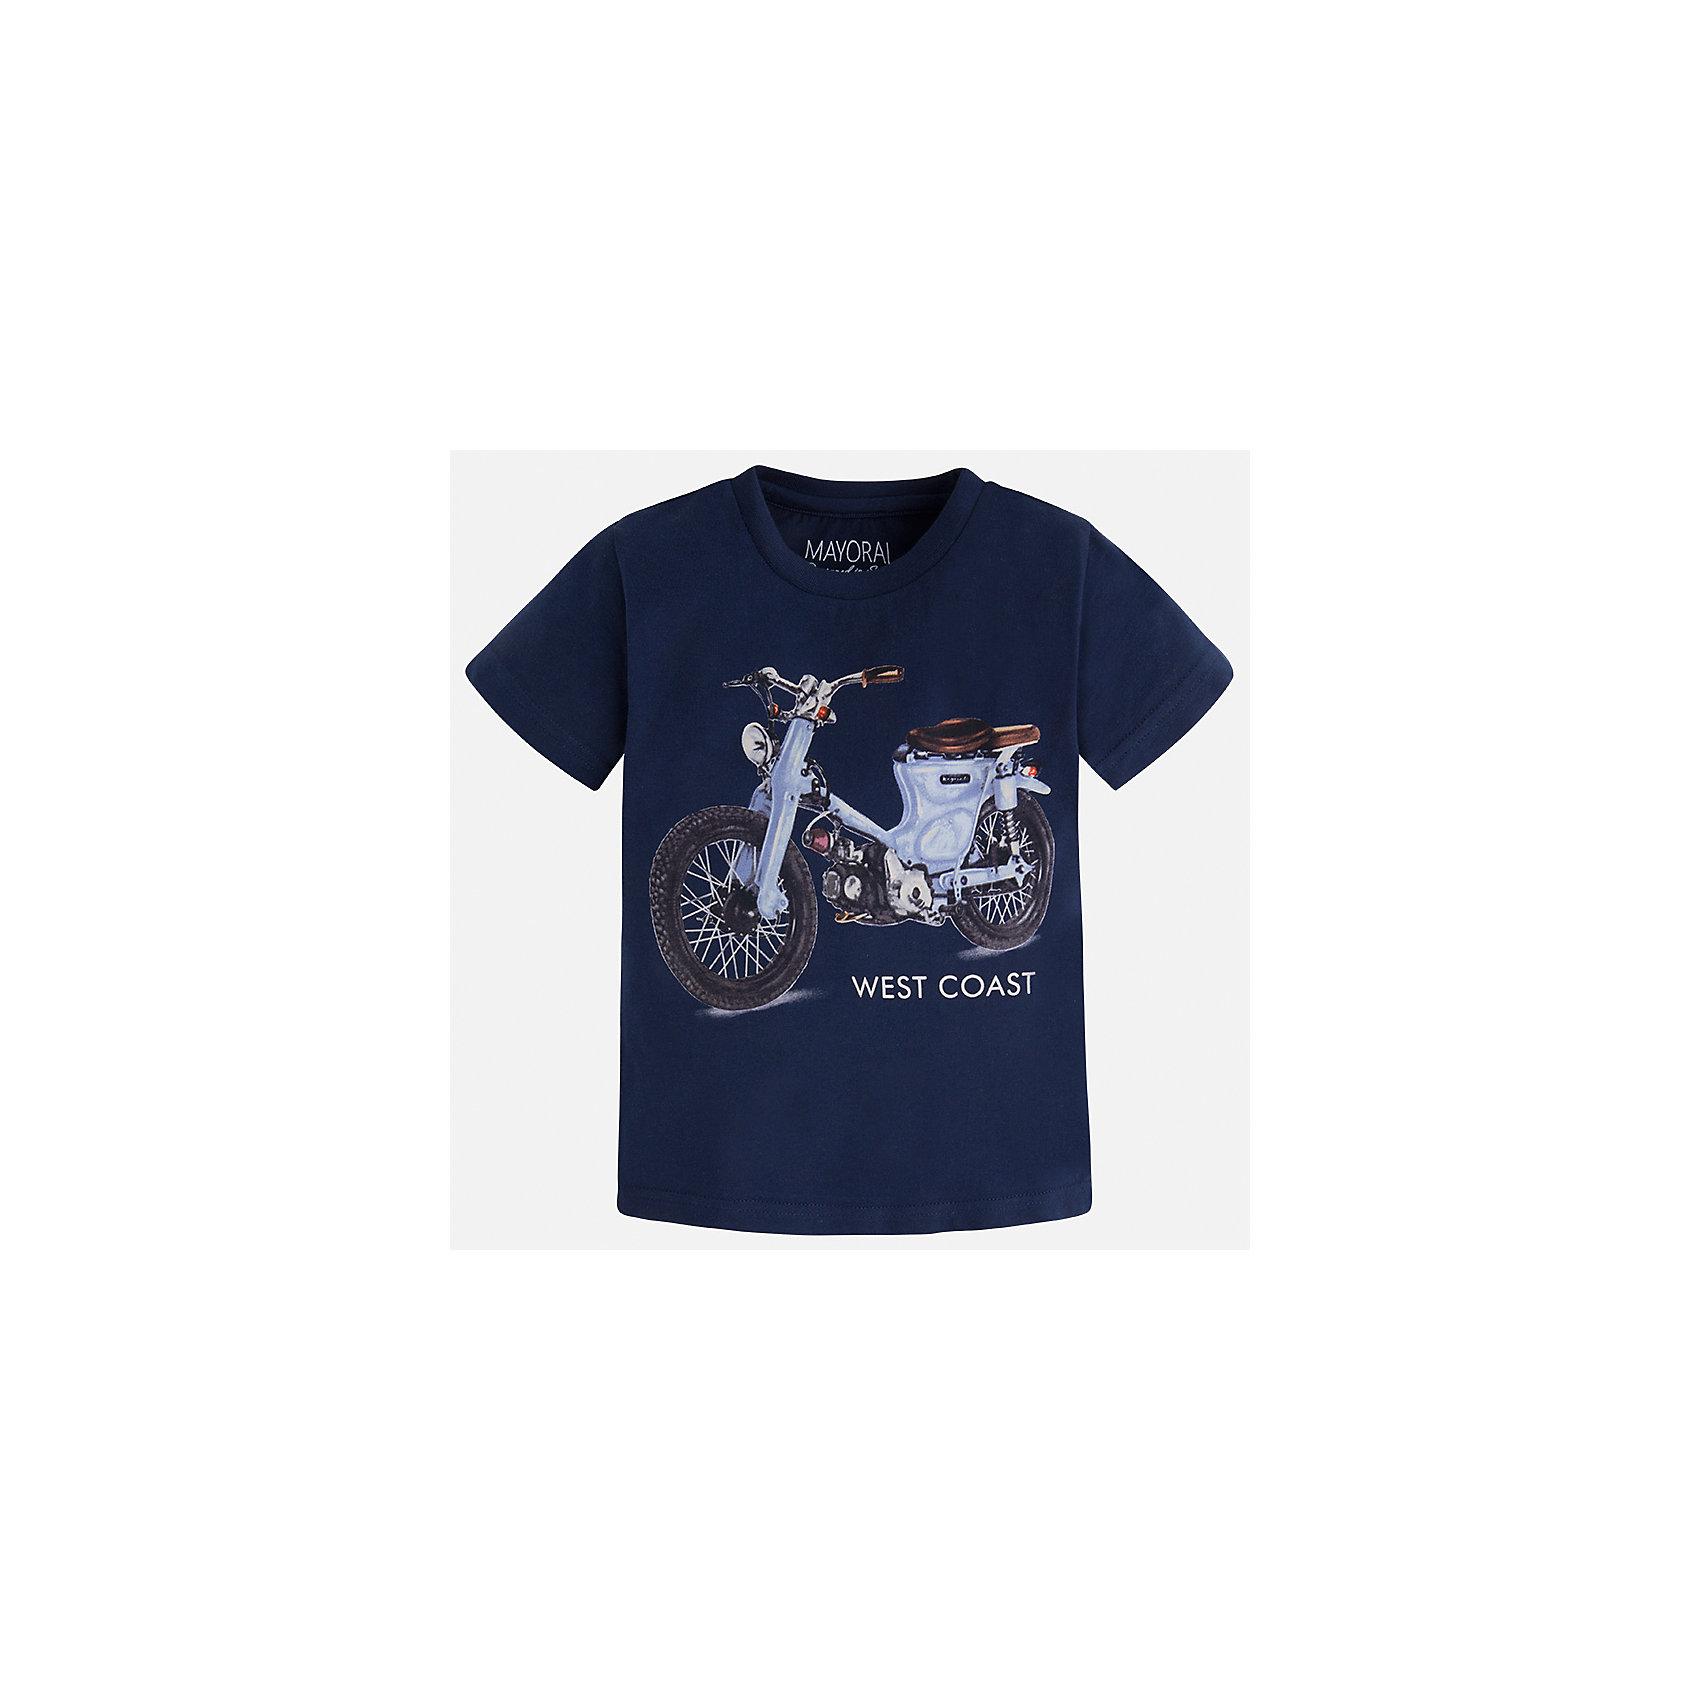 Футболка для мальчика MayoralФутболки, поло и топы<br>Характеристики товара:<br><br>• цвет: синий<br>• состав: 100% хлопок<br>• круглый горловой вырез<br>• декорирована принтом<br>• короткие рукава<br>• отделка горловины<br>• страна бренда: Испания<br><br>Стильная удобная футболка с принтом поможет разнообразить гардероб мальчика. Она отлично сочетается с брюками, шортами, джинсами. Универсальный крой и цвет позволяет подобрать к вещи низ разных расцветок. Практичное и стильное изделие! Хорошо смотрится и комфортно сидит на детях. В составе материала - только натуральный хлопок, гипоаллергенный, приятный на ощупь, дышащий. <br><br>Одежда, обувь и аксессуары от испанского бренда Mayoral полюбились детям и взрослым по всему миру. Модели этой марки - стильные и удобные. Для их производства используются только безопасные, качественные материалы и фурнитура. Порадуйте ребенка модными и красивыми вещами от Mayoral! <br><br>Футболку для мальчика от испанского бренда Mayoral (Майорал) можно купить в нашем интернет-магазине.<br><br>Ширина мм: 199<br>Глубина мм: 10<br>Высота мм: 161<br>Вес г: 151<br>Цвет: синий<br>Возраст от месяцев: 48<br>Возраст до месяцев: 60<br>Пол: Мужской<br>Возраст: Детский<br>Размер: 110,134,128,122,116,104,98,92<br>SKU: 5280035